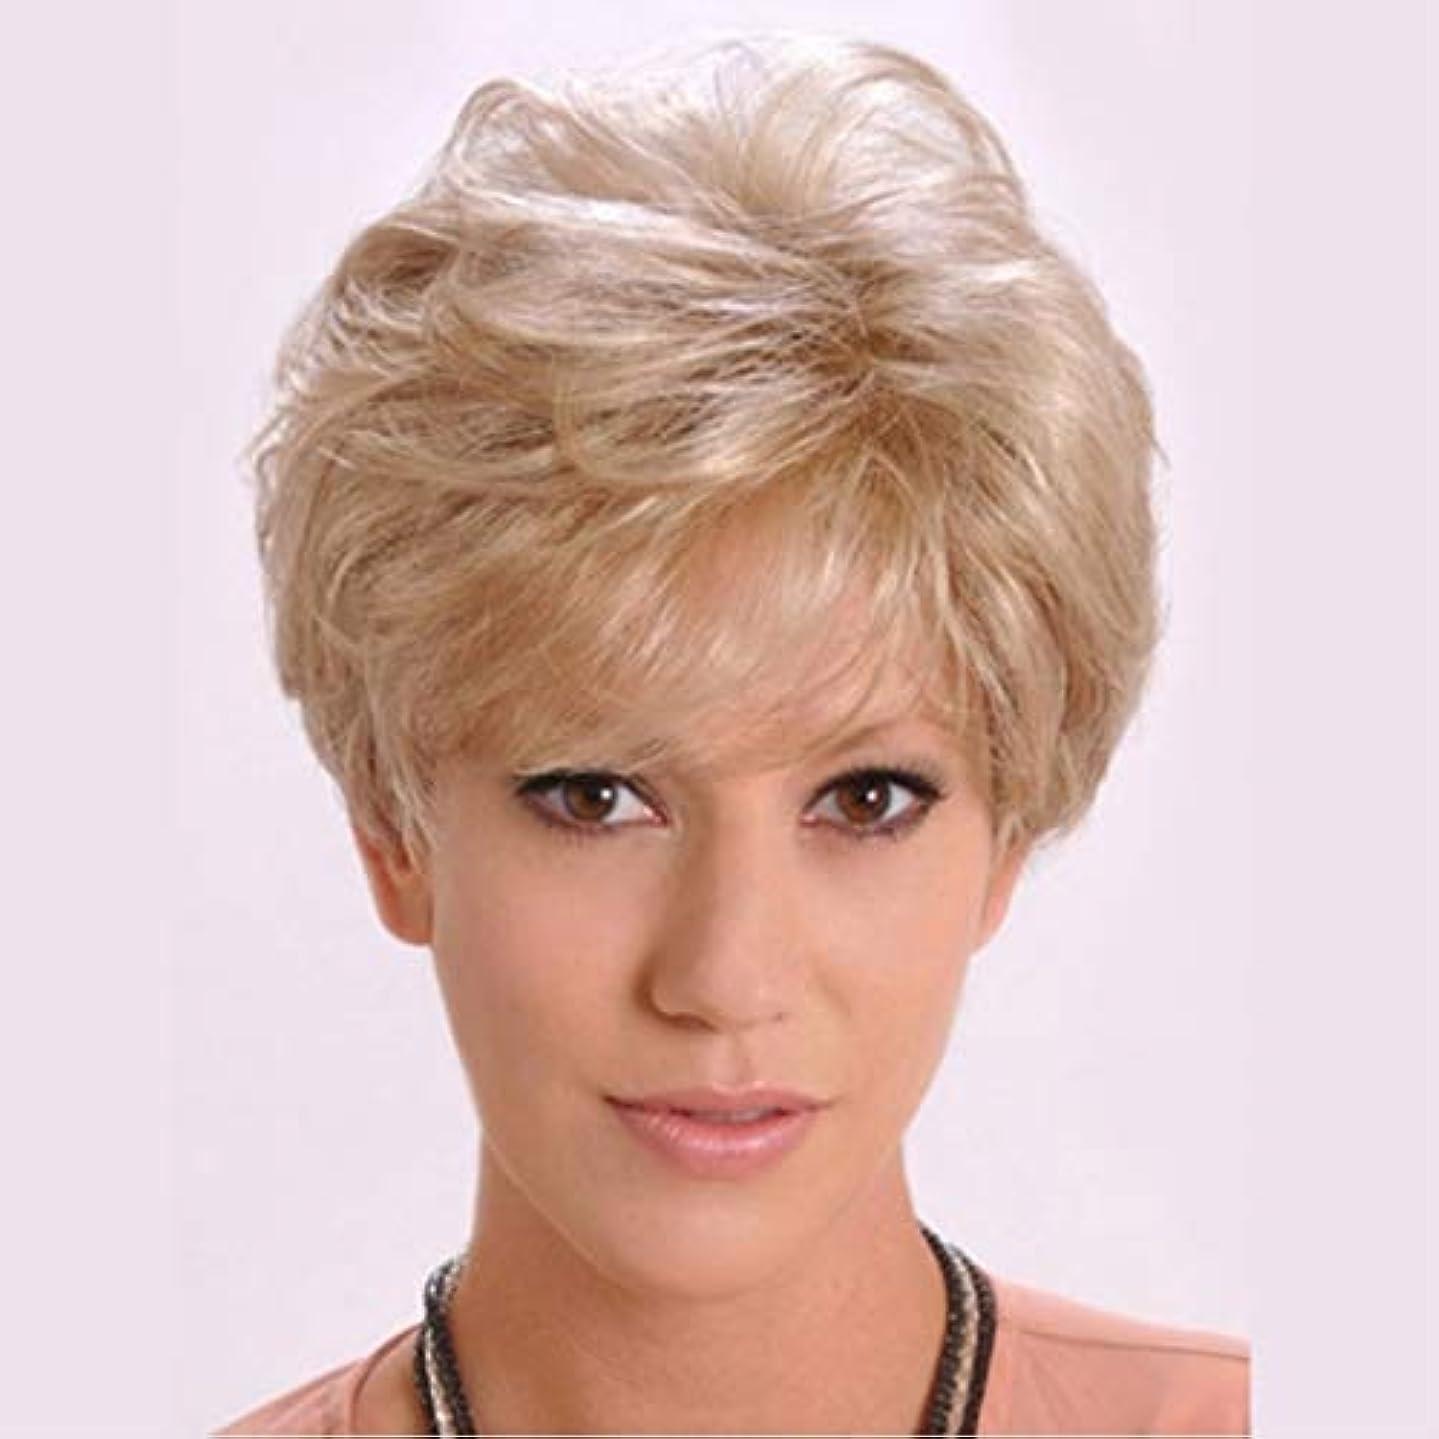 マディソンマラドロイトアートKerwinner 女性のための短い巻き毛のかつら短い髪のふわふわブロンドの巻き毛のかつら (Color : Light brown)